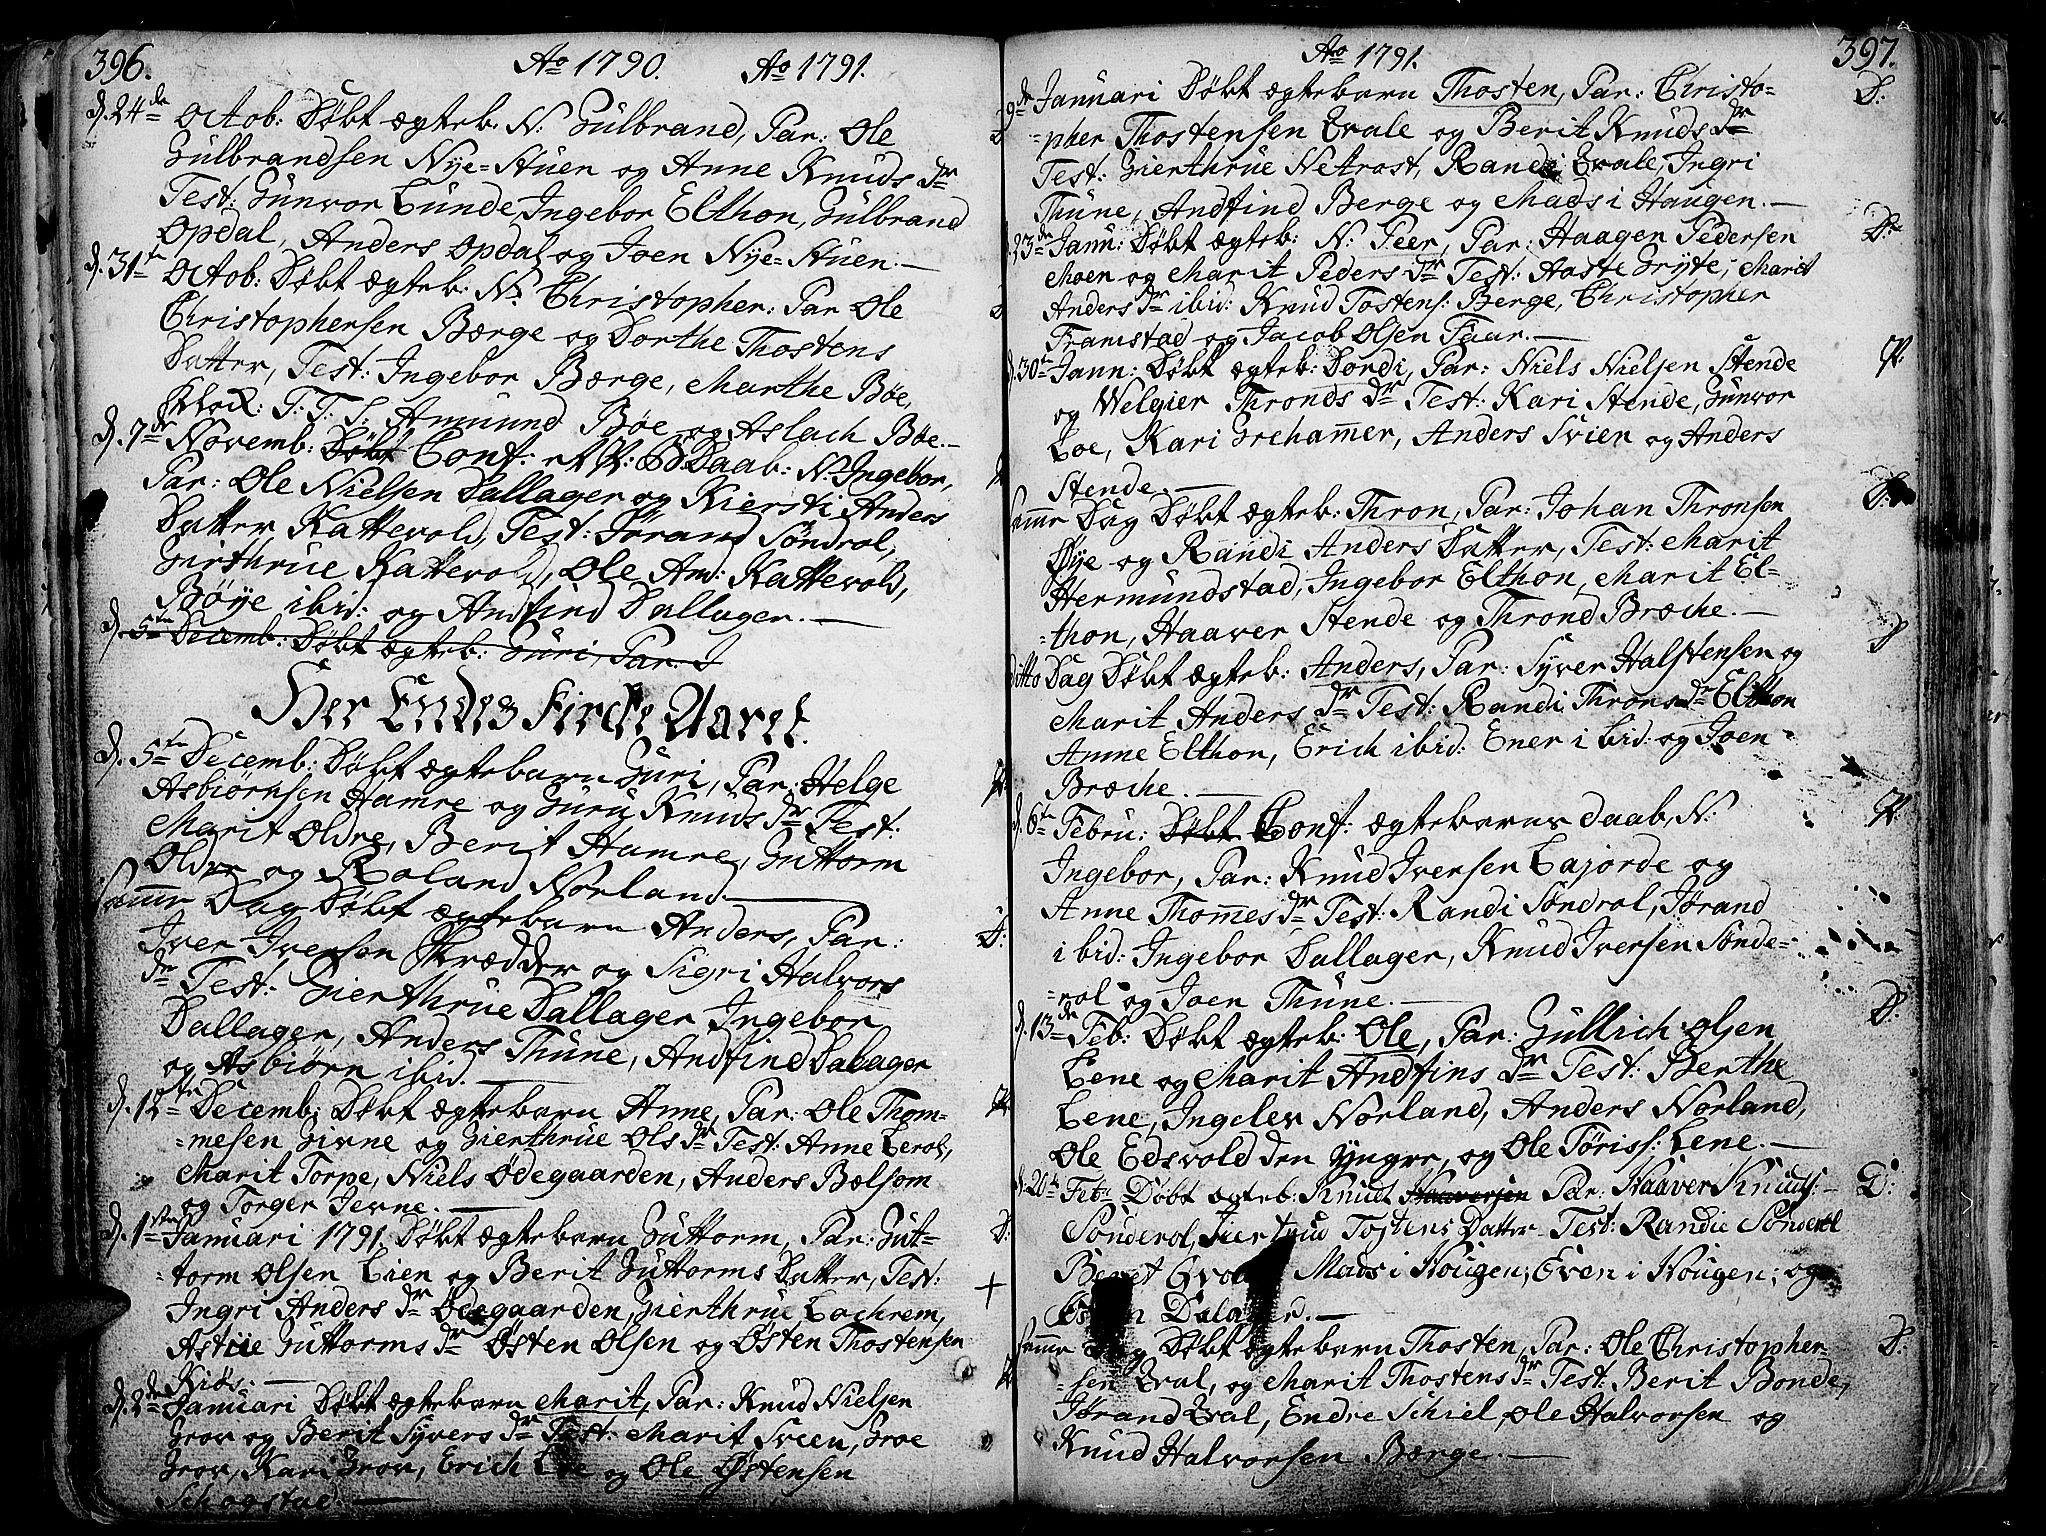 SAH, Vang prestekontor, Valdres, Ministerialbok nr. 1, 1730-1796, s. 396-397